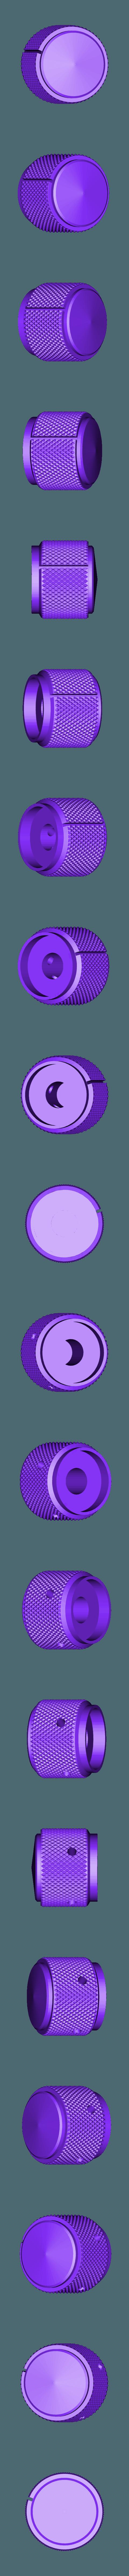 knob-side_metal_knurl_GB2.stl Télécharger fichier STL gratuit Ghostbuster Ghostbuster Ghosttrap • Modèle pour impression 3D, SLIDES